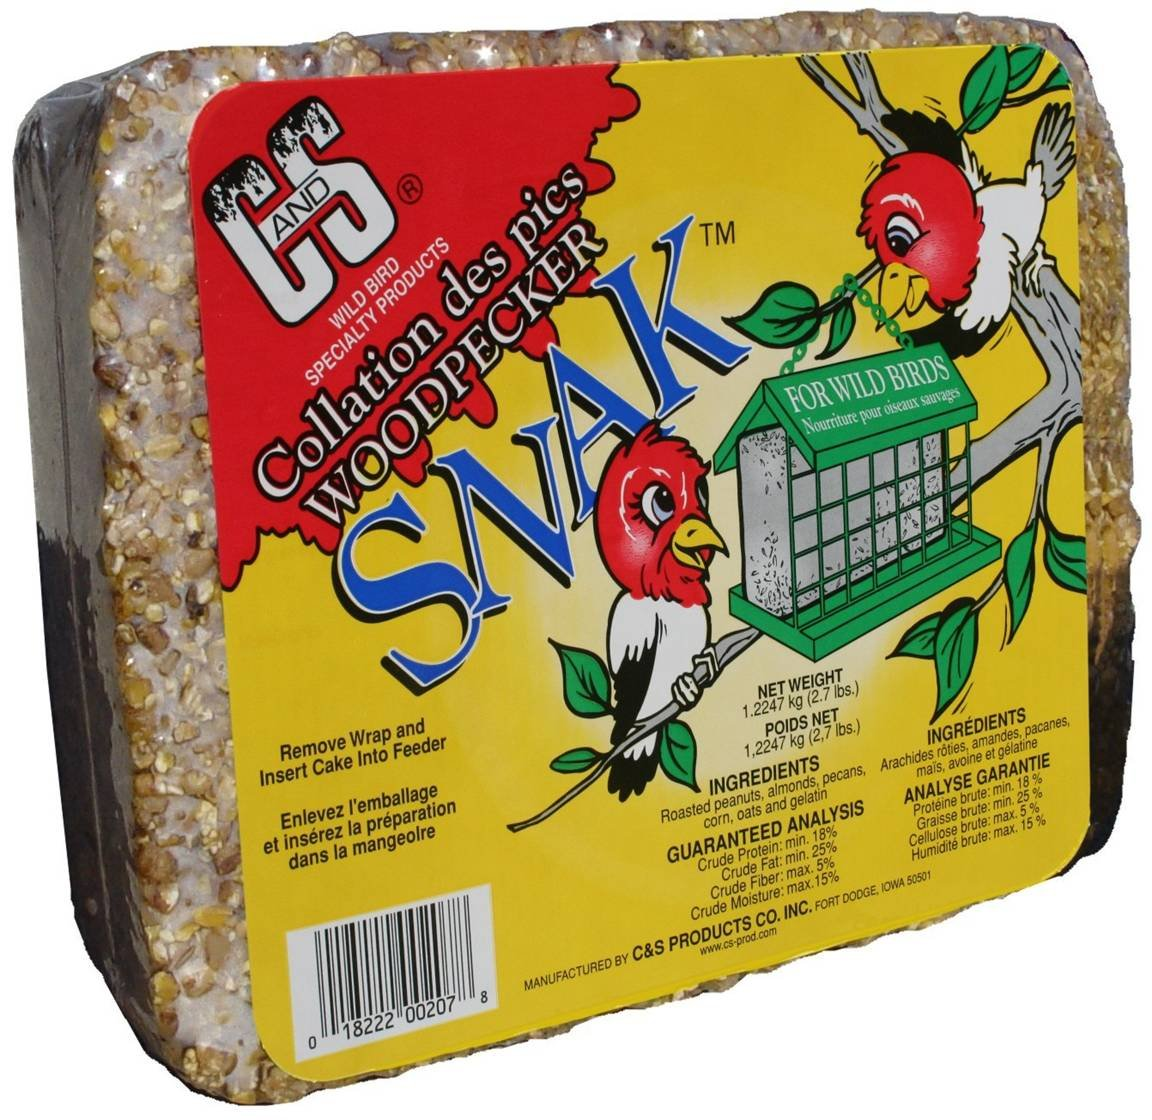 C&S Products CS06207 Woodpecker Snak Woodpecker Snack